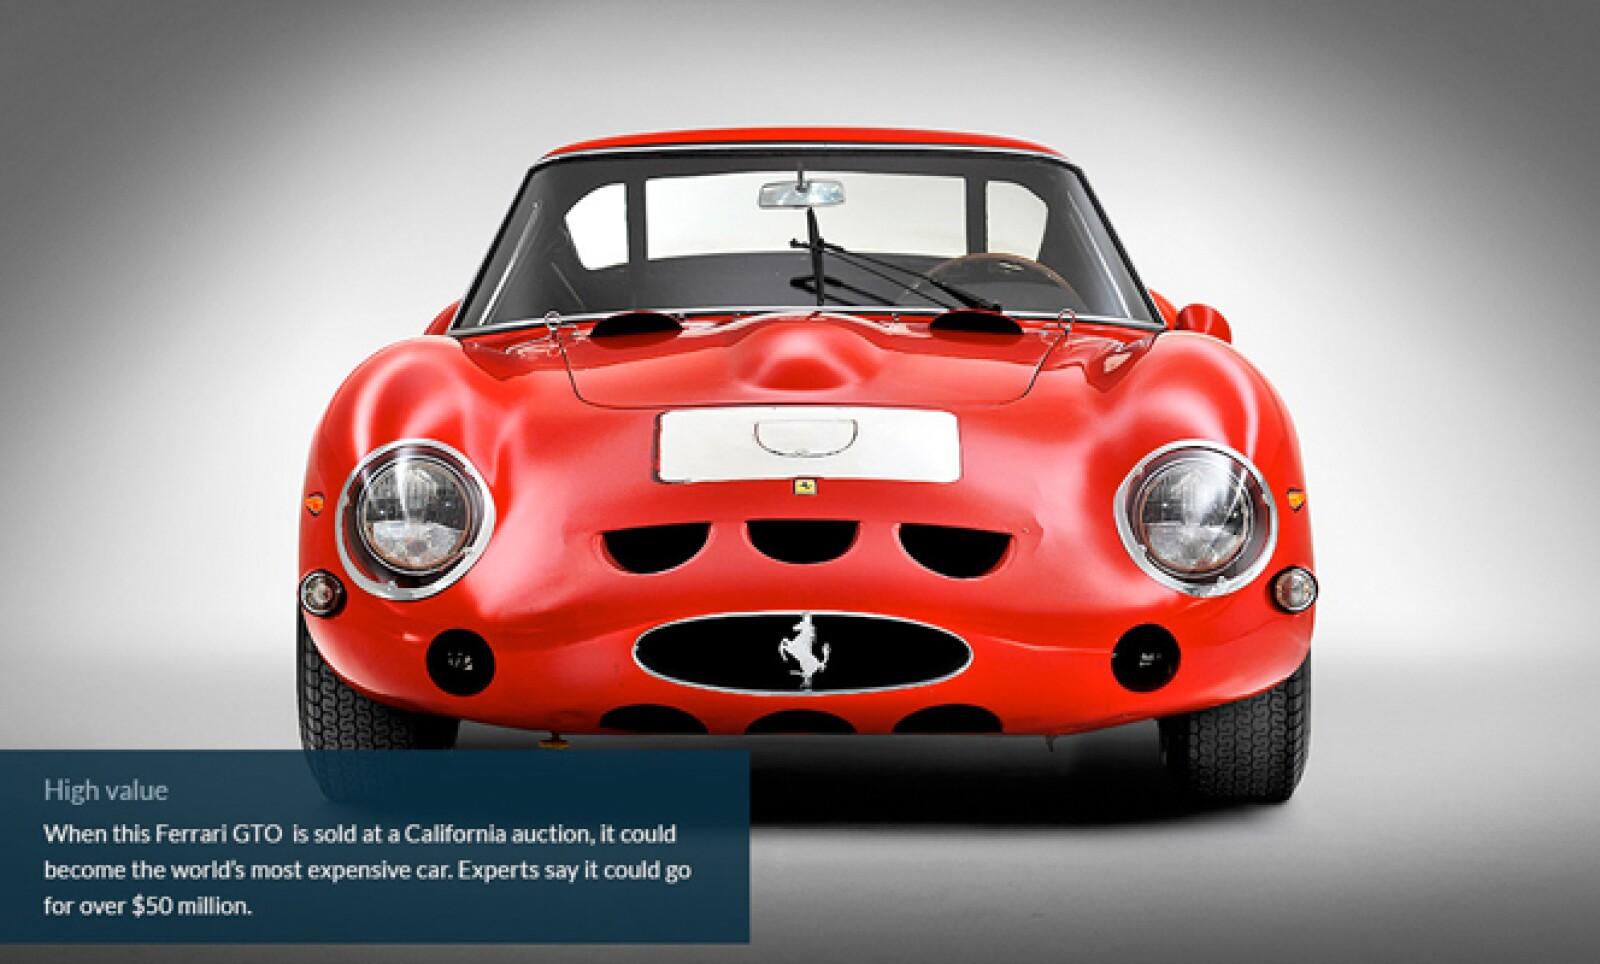 Cuando este Ferrari sea vendido en una subasta en California se podría volver el auto más caro del mundo. Expertos dicen que puede valer más de 50,000 millones de dólares.